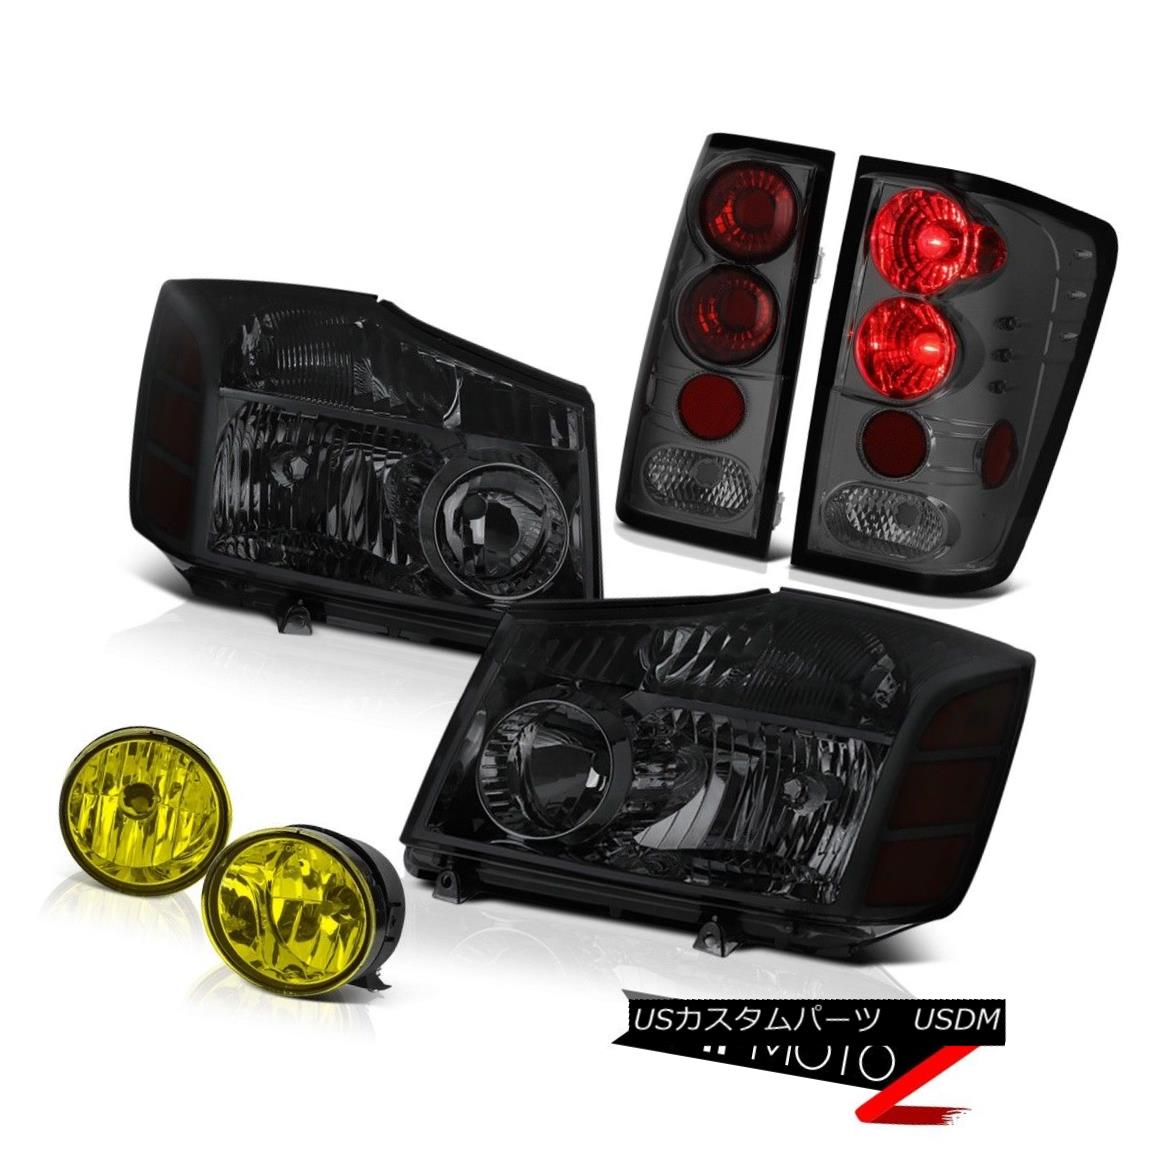 テールライト For 04-15 Titan Dark Smoke Headlight Brake Tail Light Lamp Yellow Bumper Fog 04-15タイタンダークスモークヘッドライトブレーキテールライトランプイエローバンパーフォグ